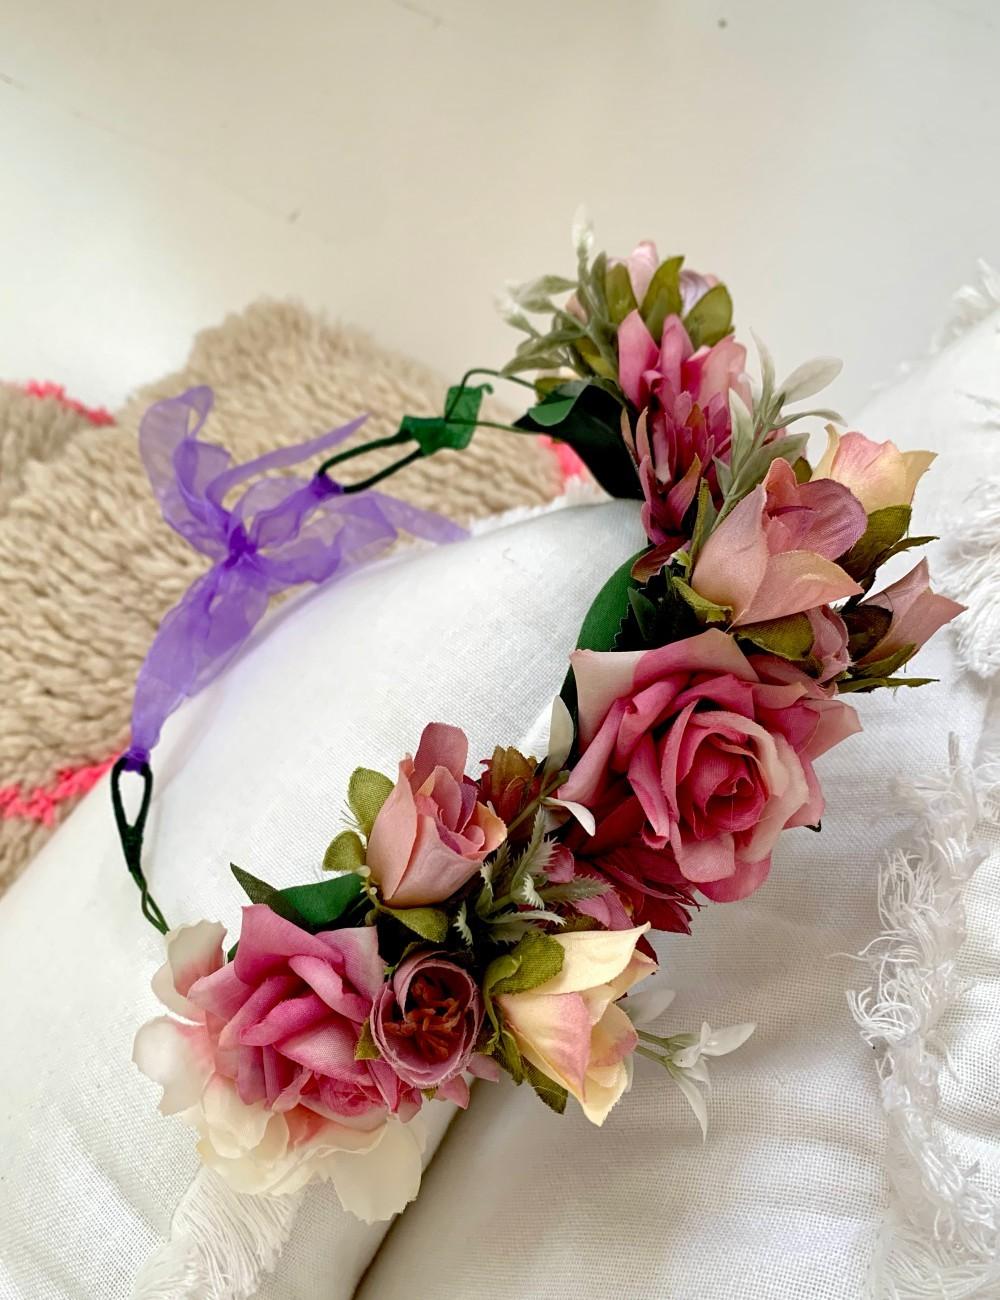 Couronne de fleurs bohème chic FLEURS14 - Boutique L'anana(s)